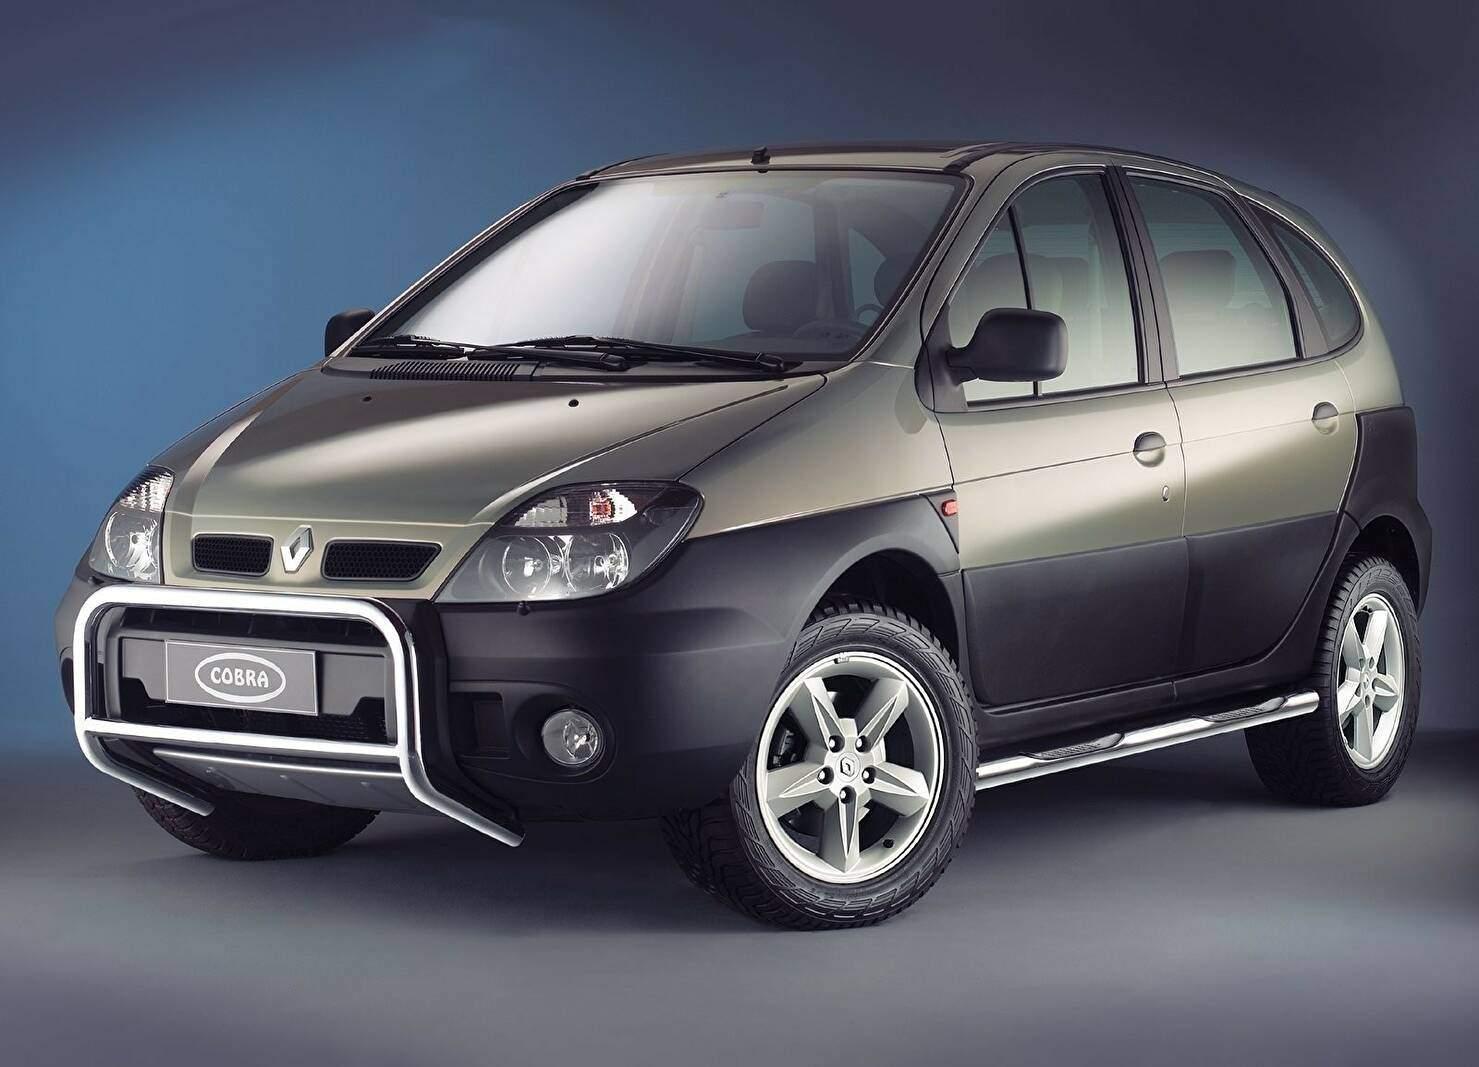 Cobra N+ Scenic (2000-2002),  ajouté par fox58